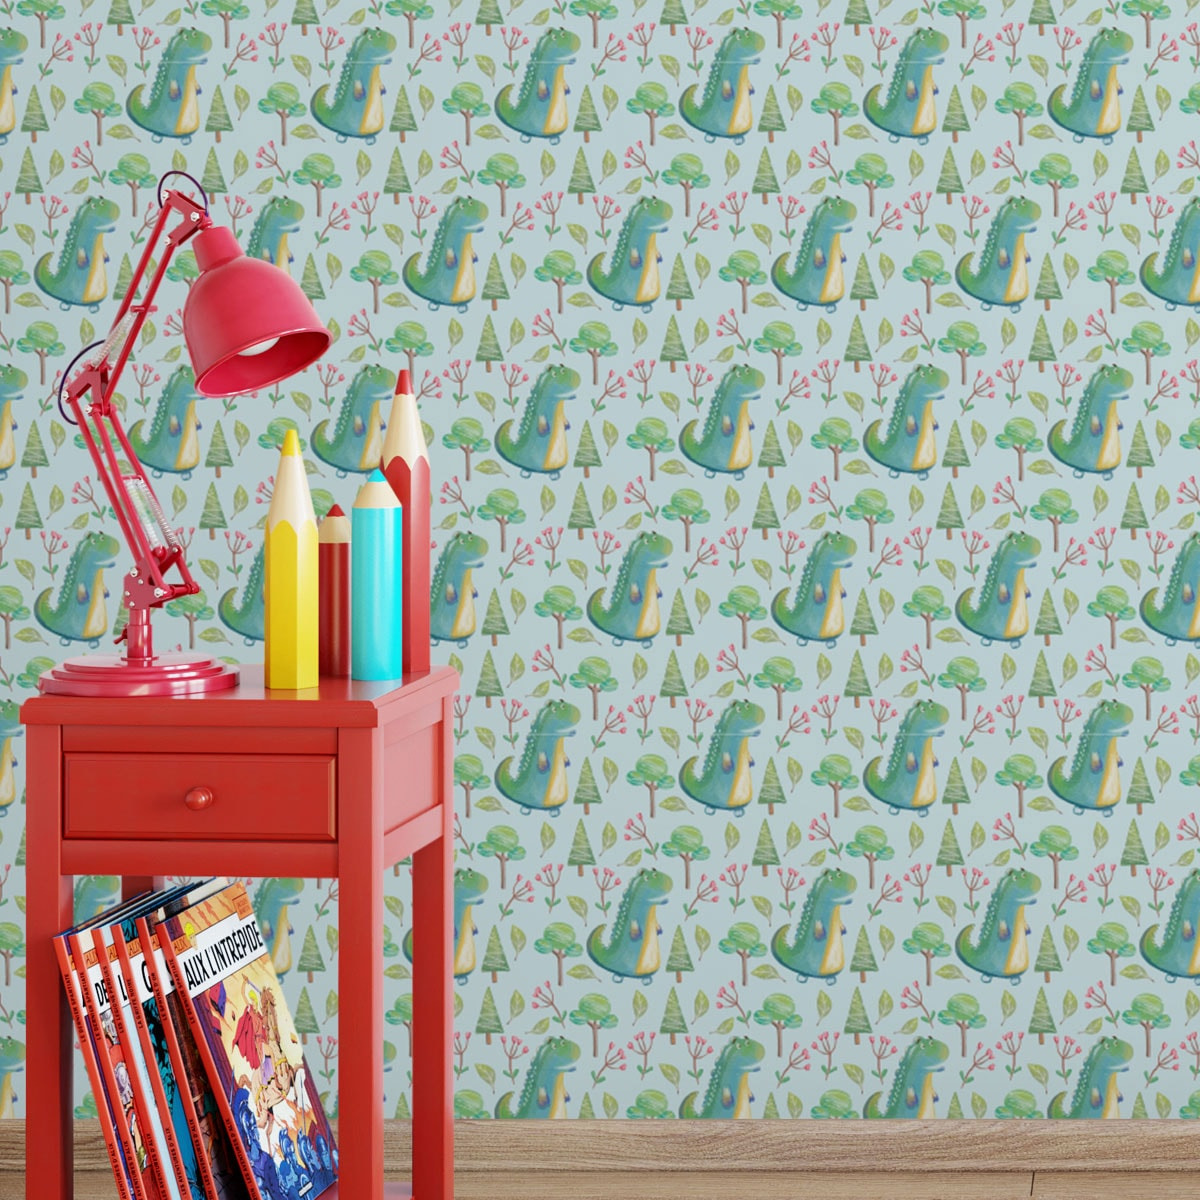 Kindertapete hellblau: Kinderzimmer Tapete mit kleinen Drachen im Zauberwald auf hellblau angepasst an Little Greene Wandfarben- Vliestapete Figuren